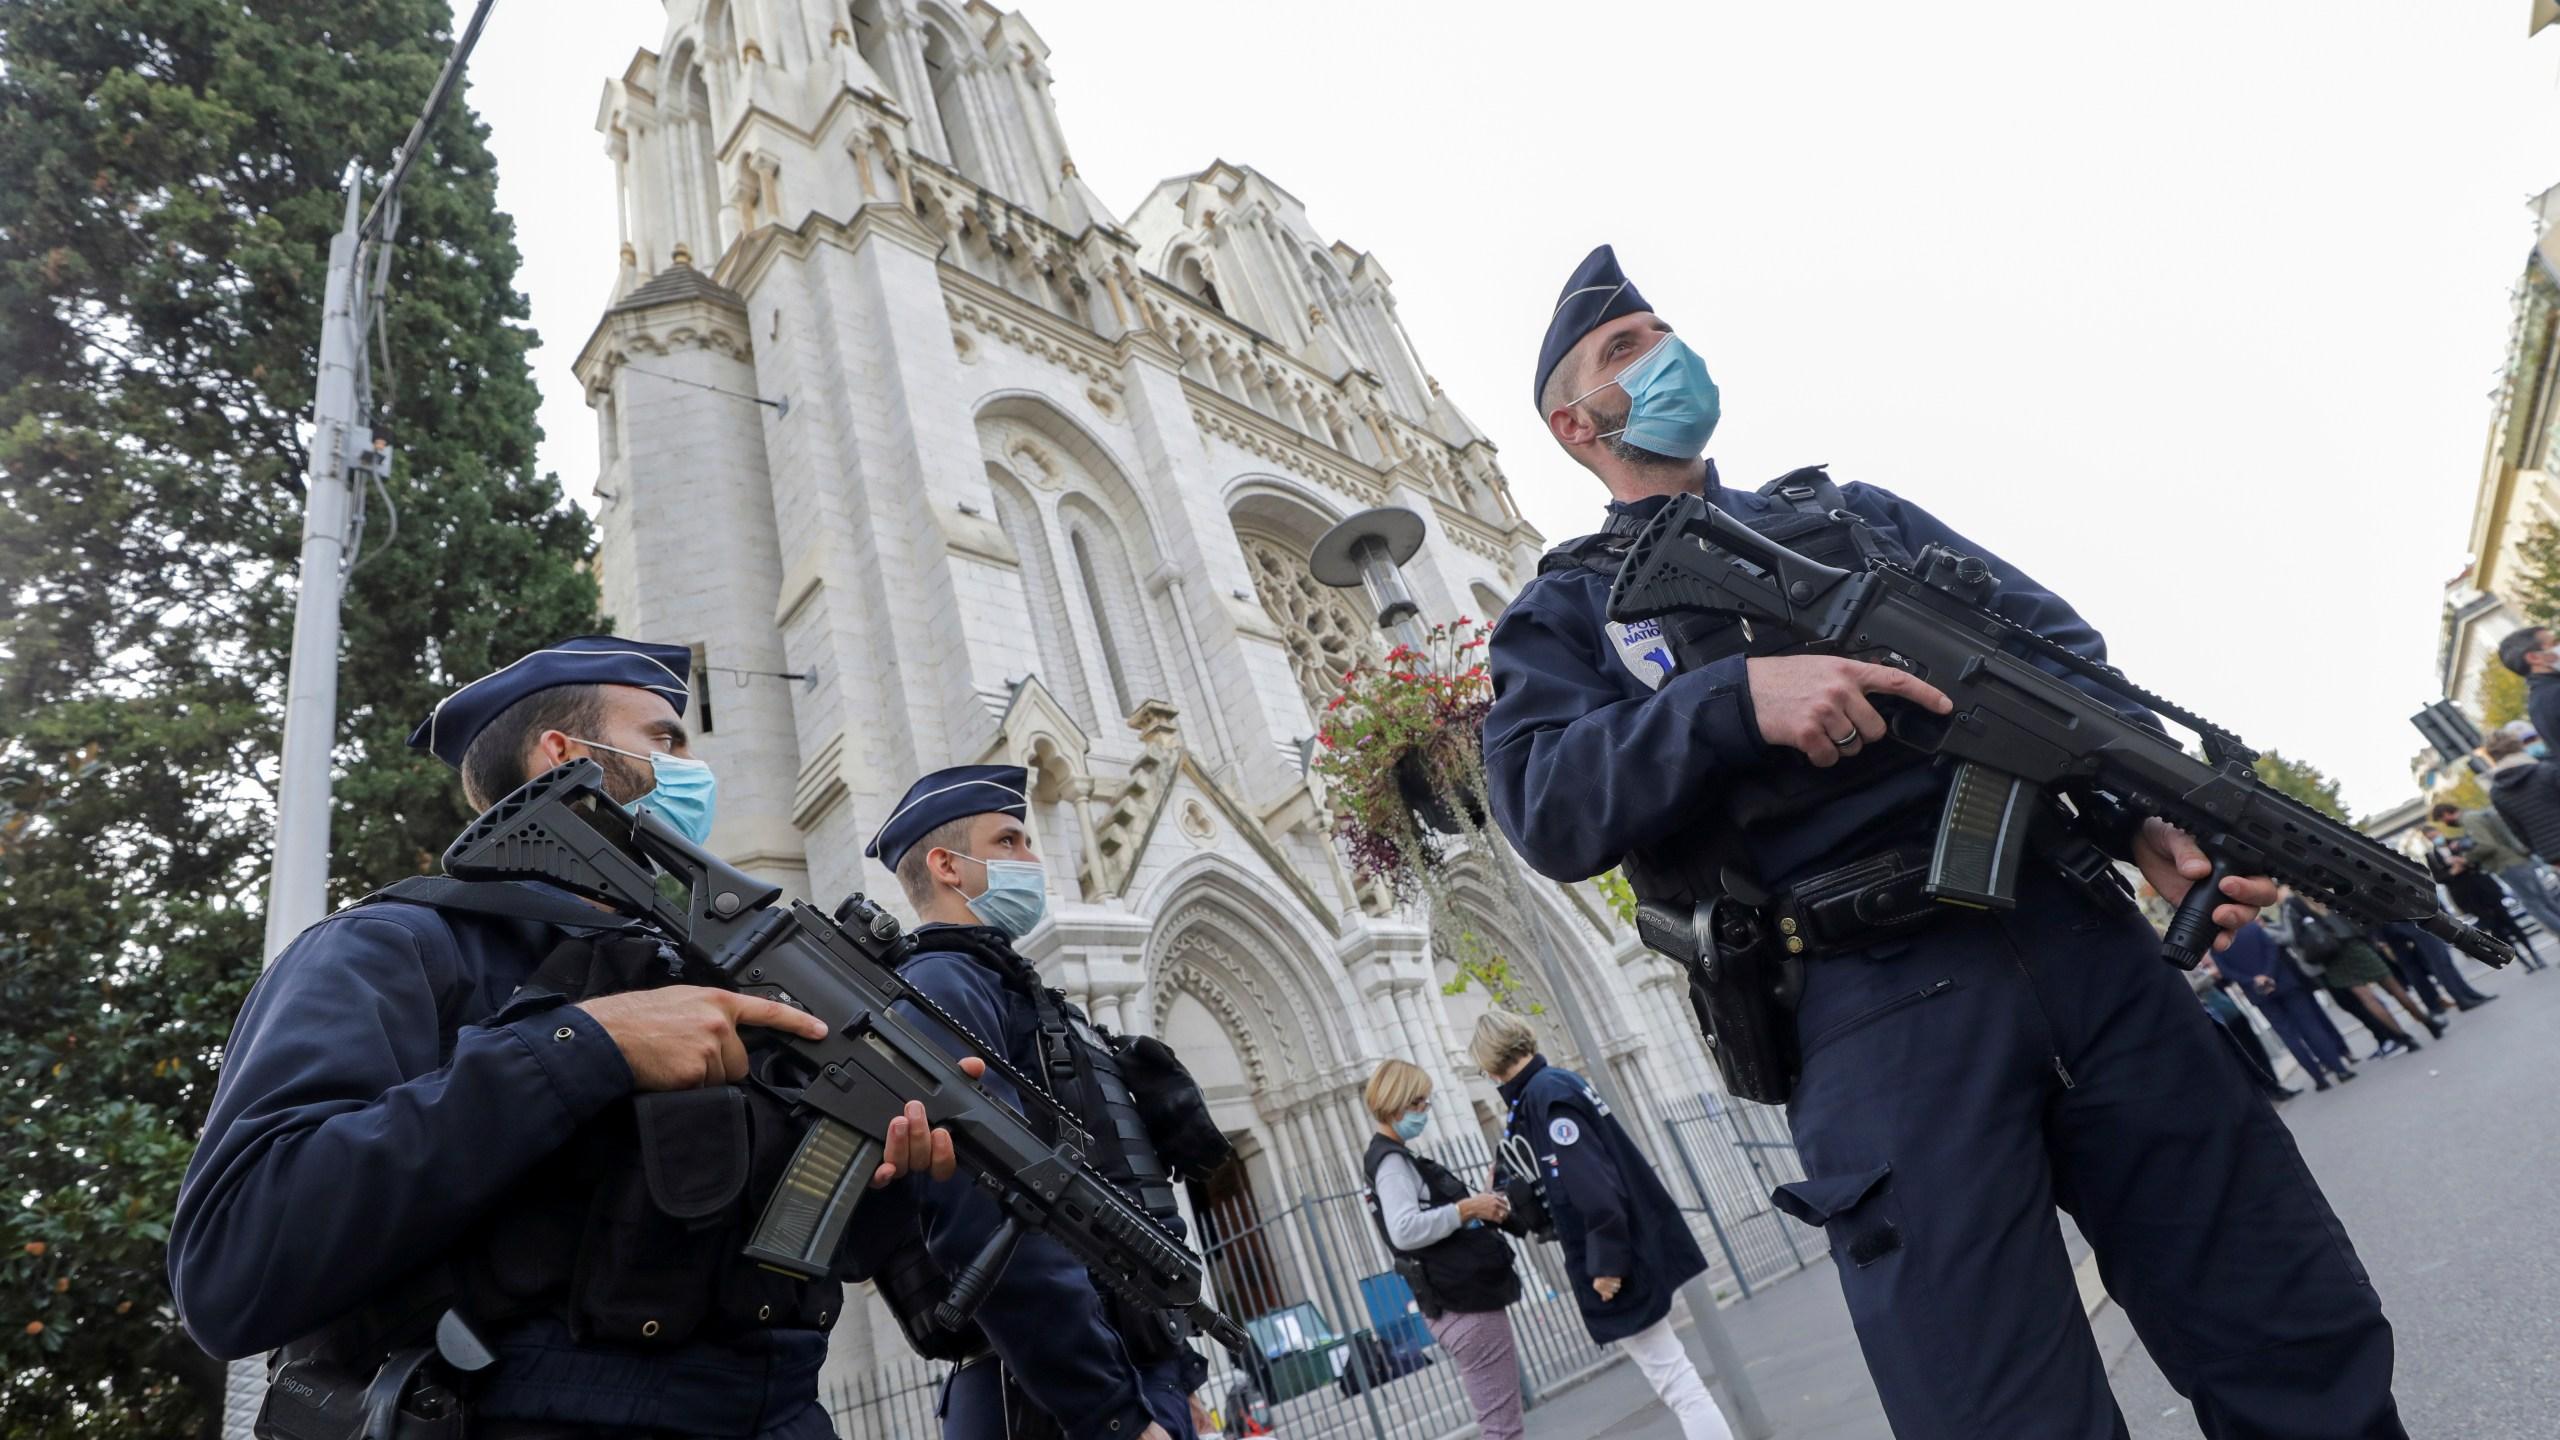 PROGLAŠENA NEPOSREDNA OPASNOST OD NAPADA: Francuska jača mjere sigurnosti nakon terorističkih napada u Nici